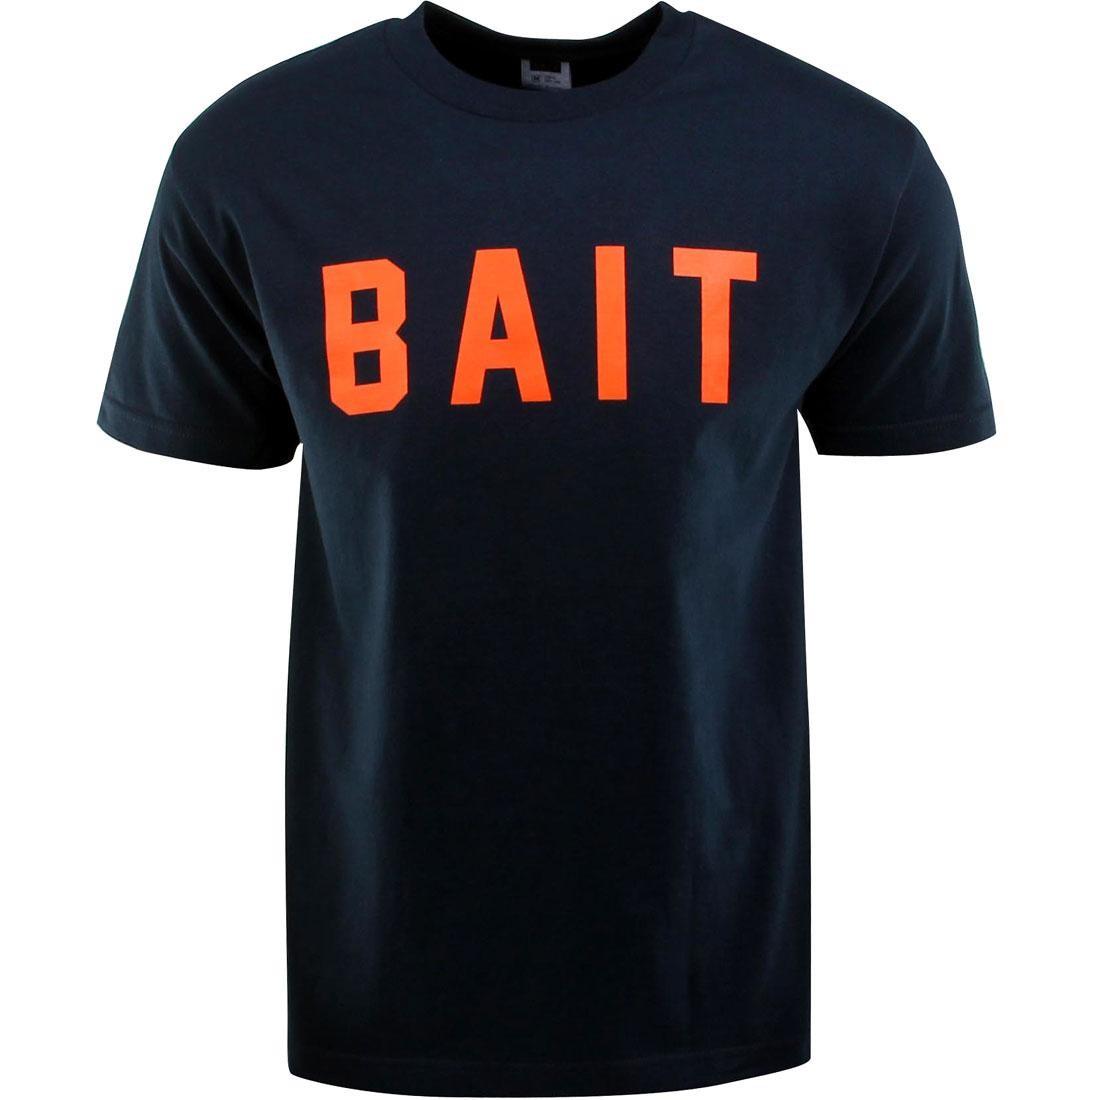 ベイト BAIT ロゴ Tシャツ 紺 ネイビー 橙 オレンジ 【 NAVY ORANGE BAIT LOGO TEE 】 メンズファッション トップス Tシャツ カットソー